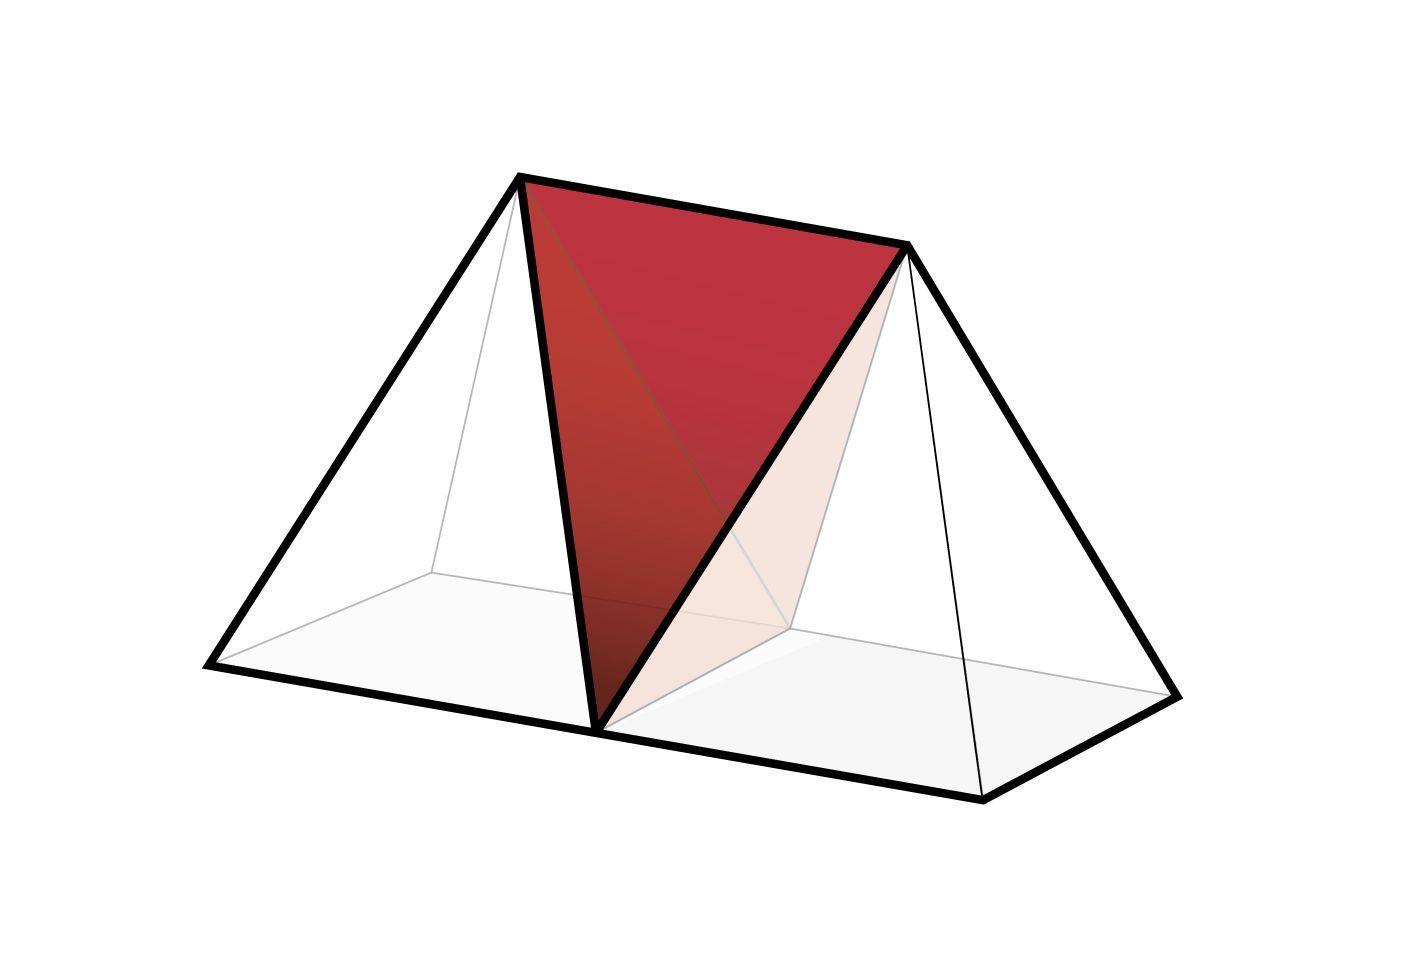 Rästel der Woche Pyramiden Lösung